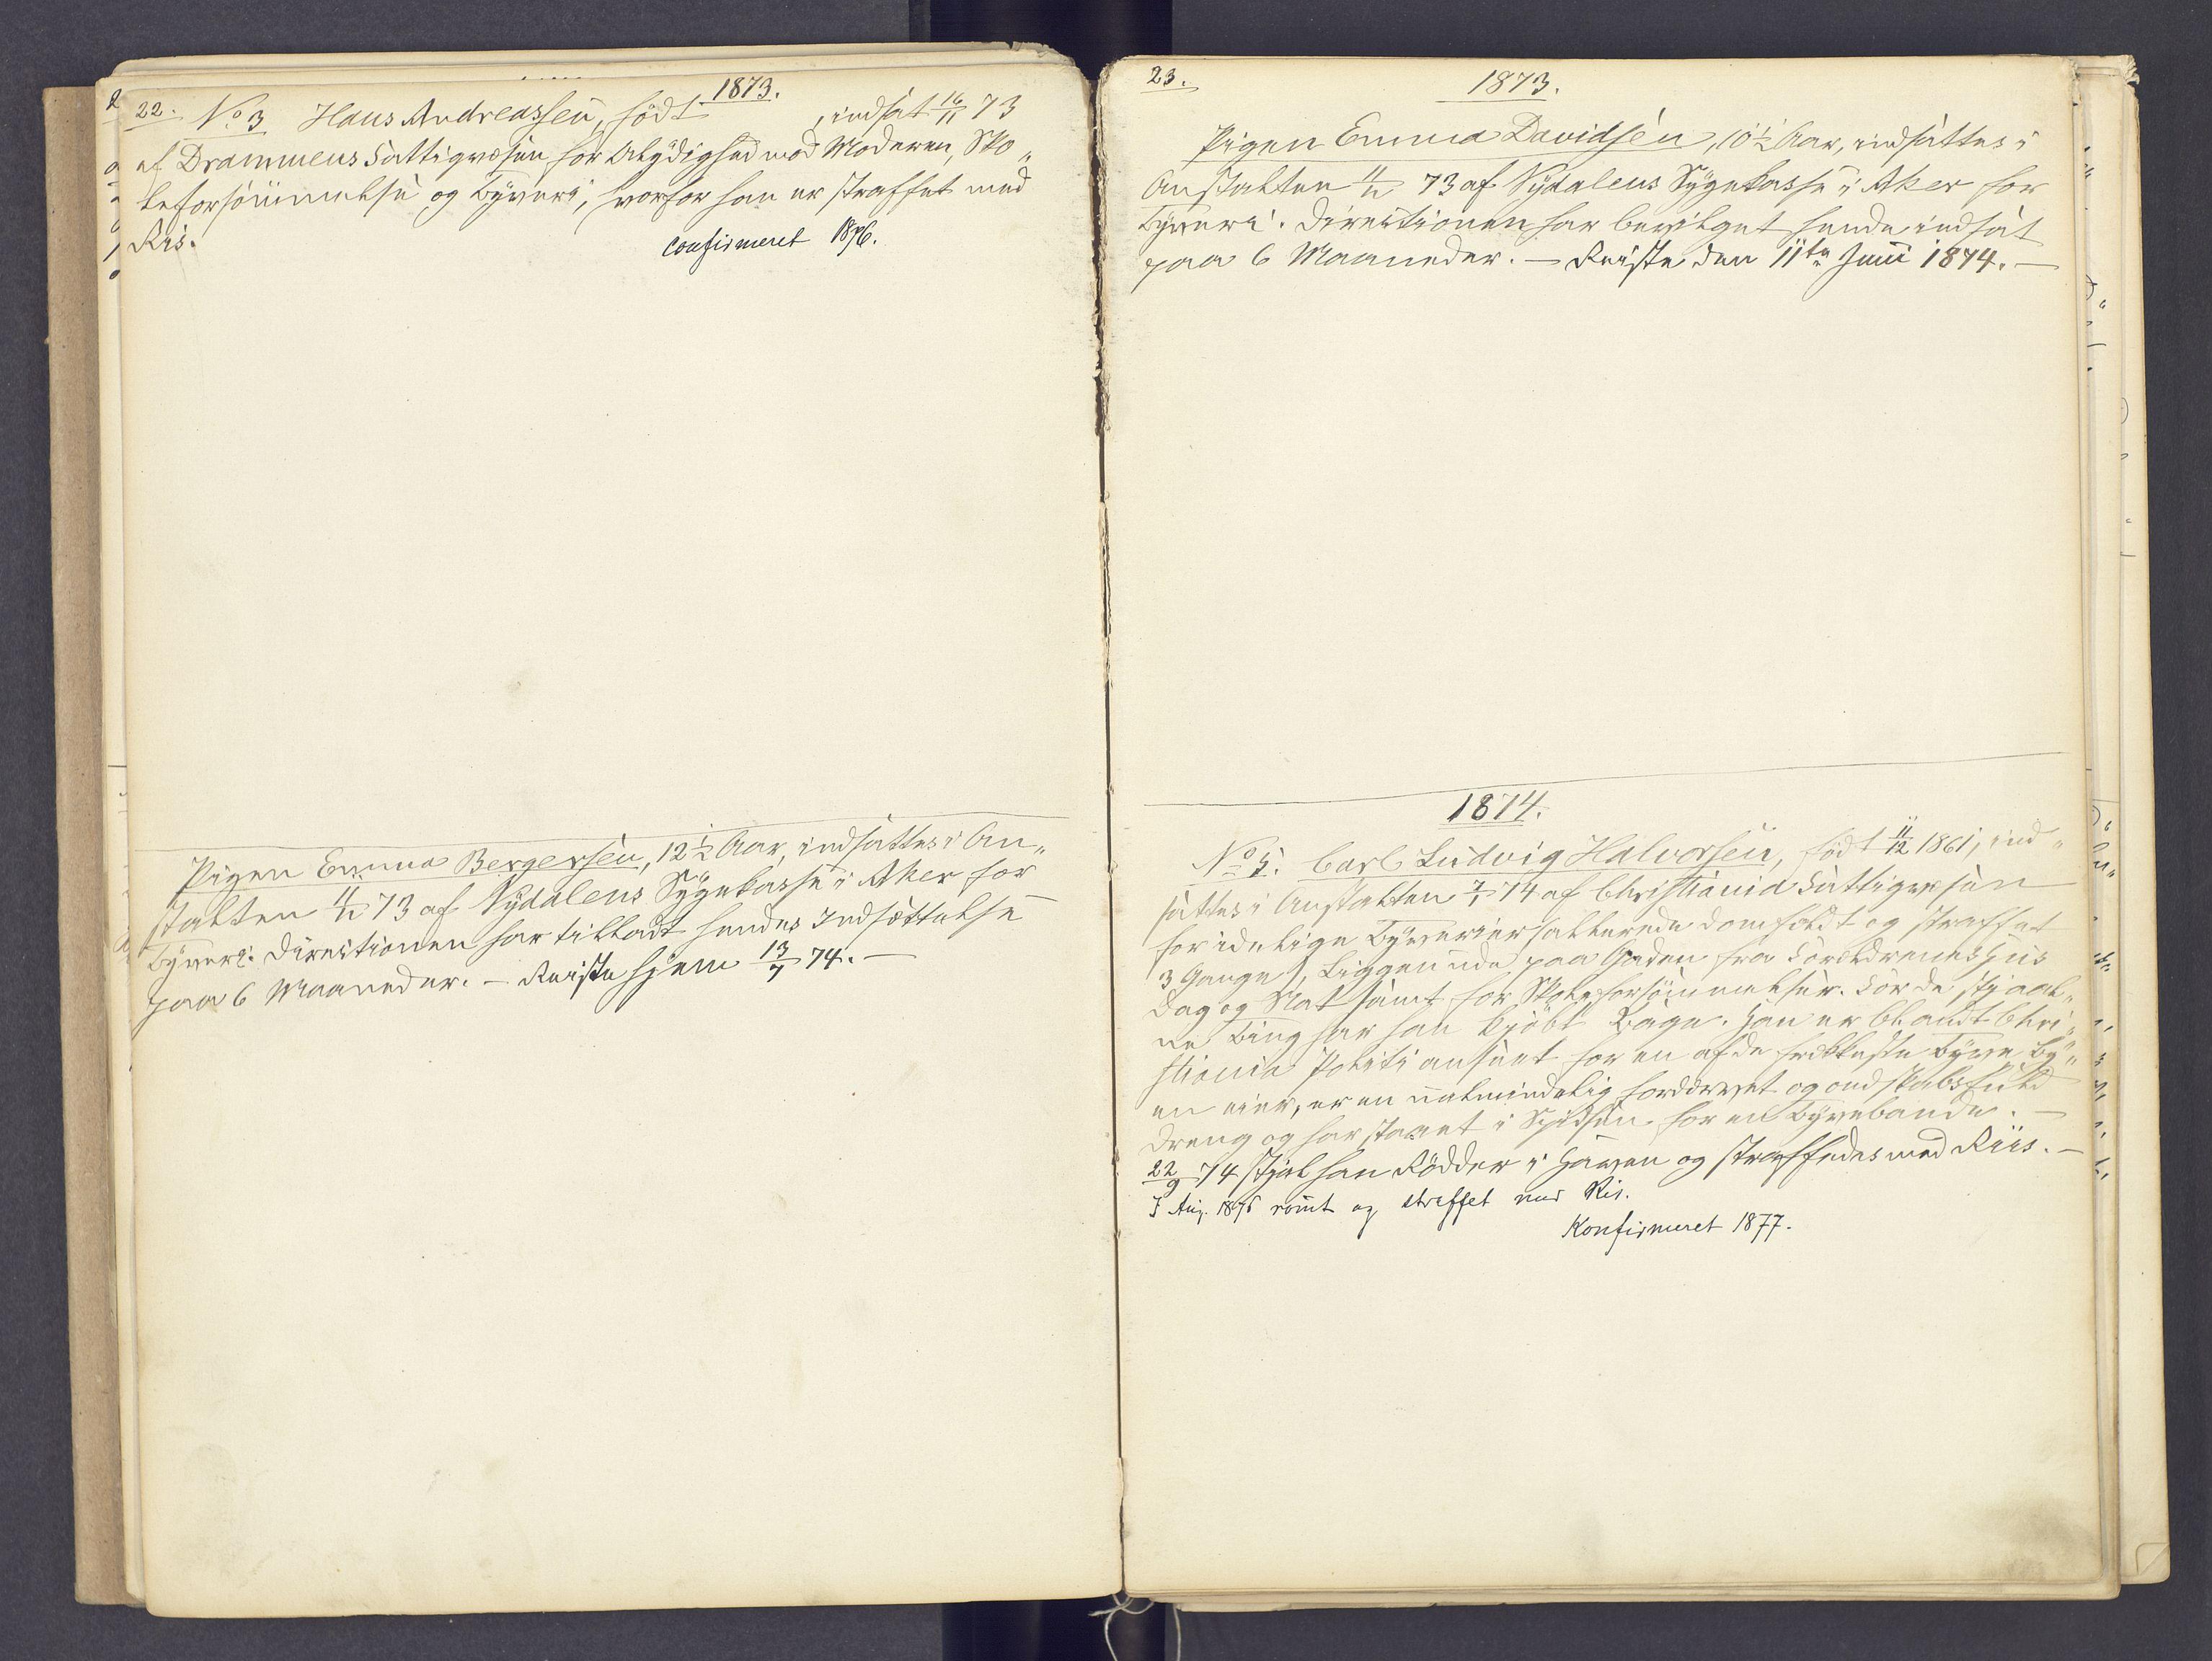 SAH, Toftes Gave, F/Fc/L0002: Elevprotokoll, 1870-1885, s. 22-23